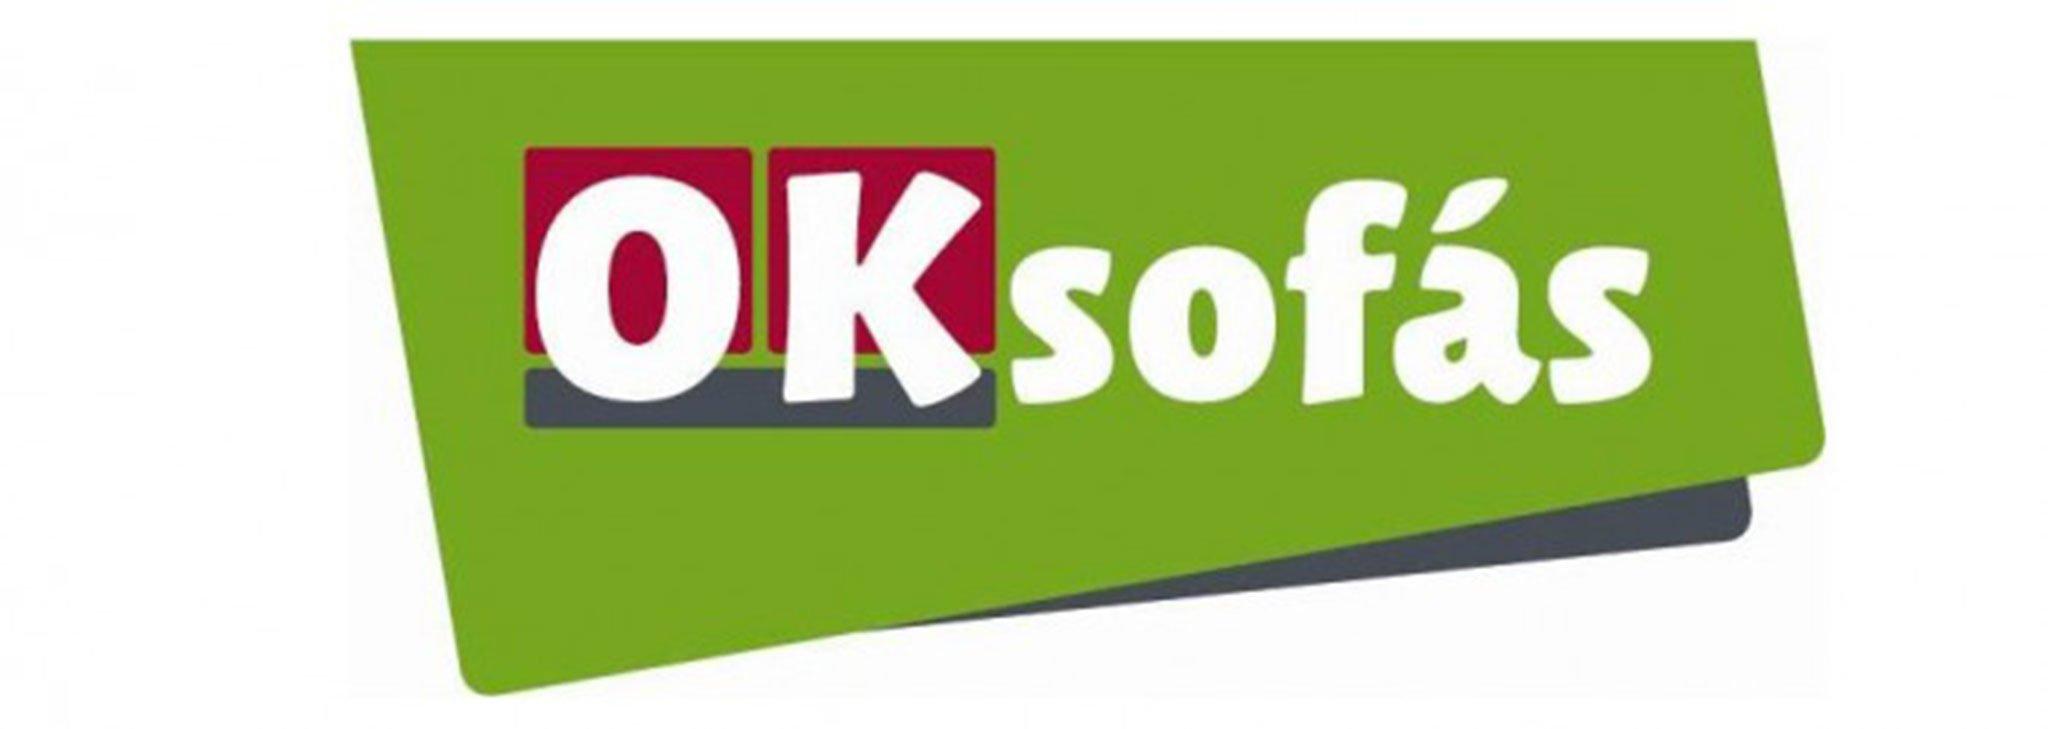 OK Sofas logo